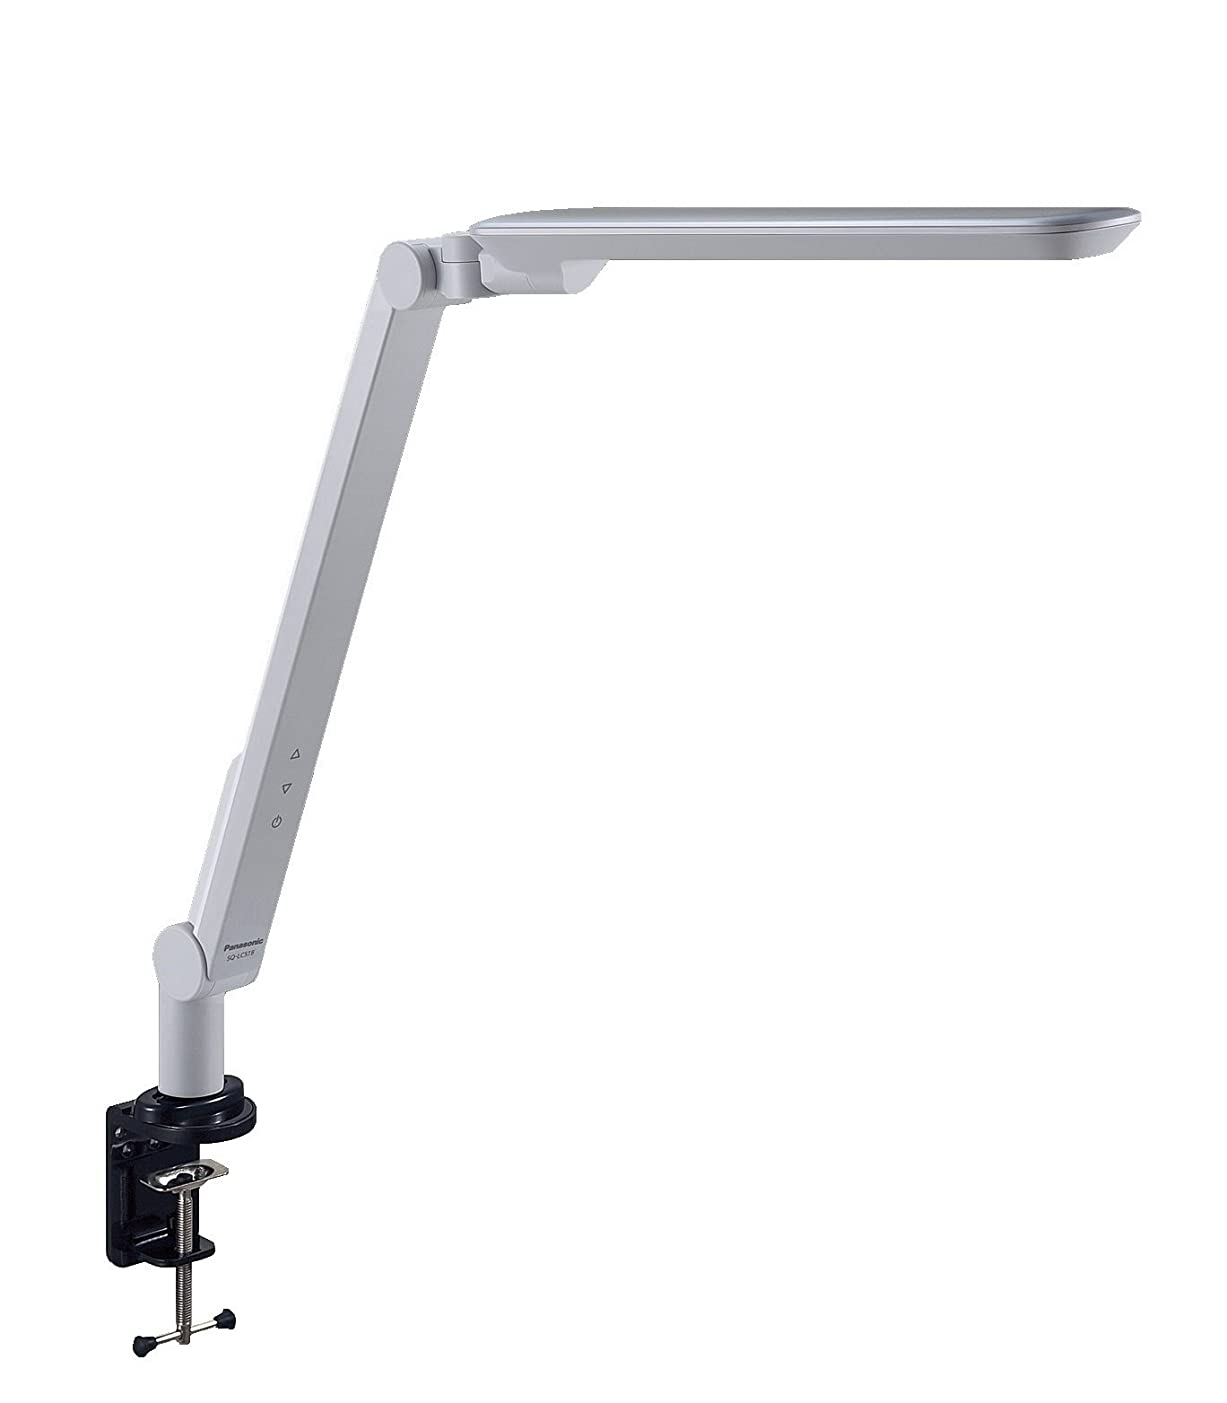 テレマコス薬矢じりパナソニック LEDデスクスタンド クランプタイプ ライトグレー SQ-LC518-W